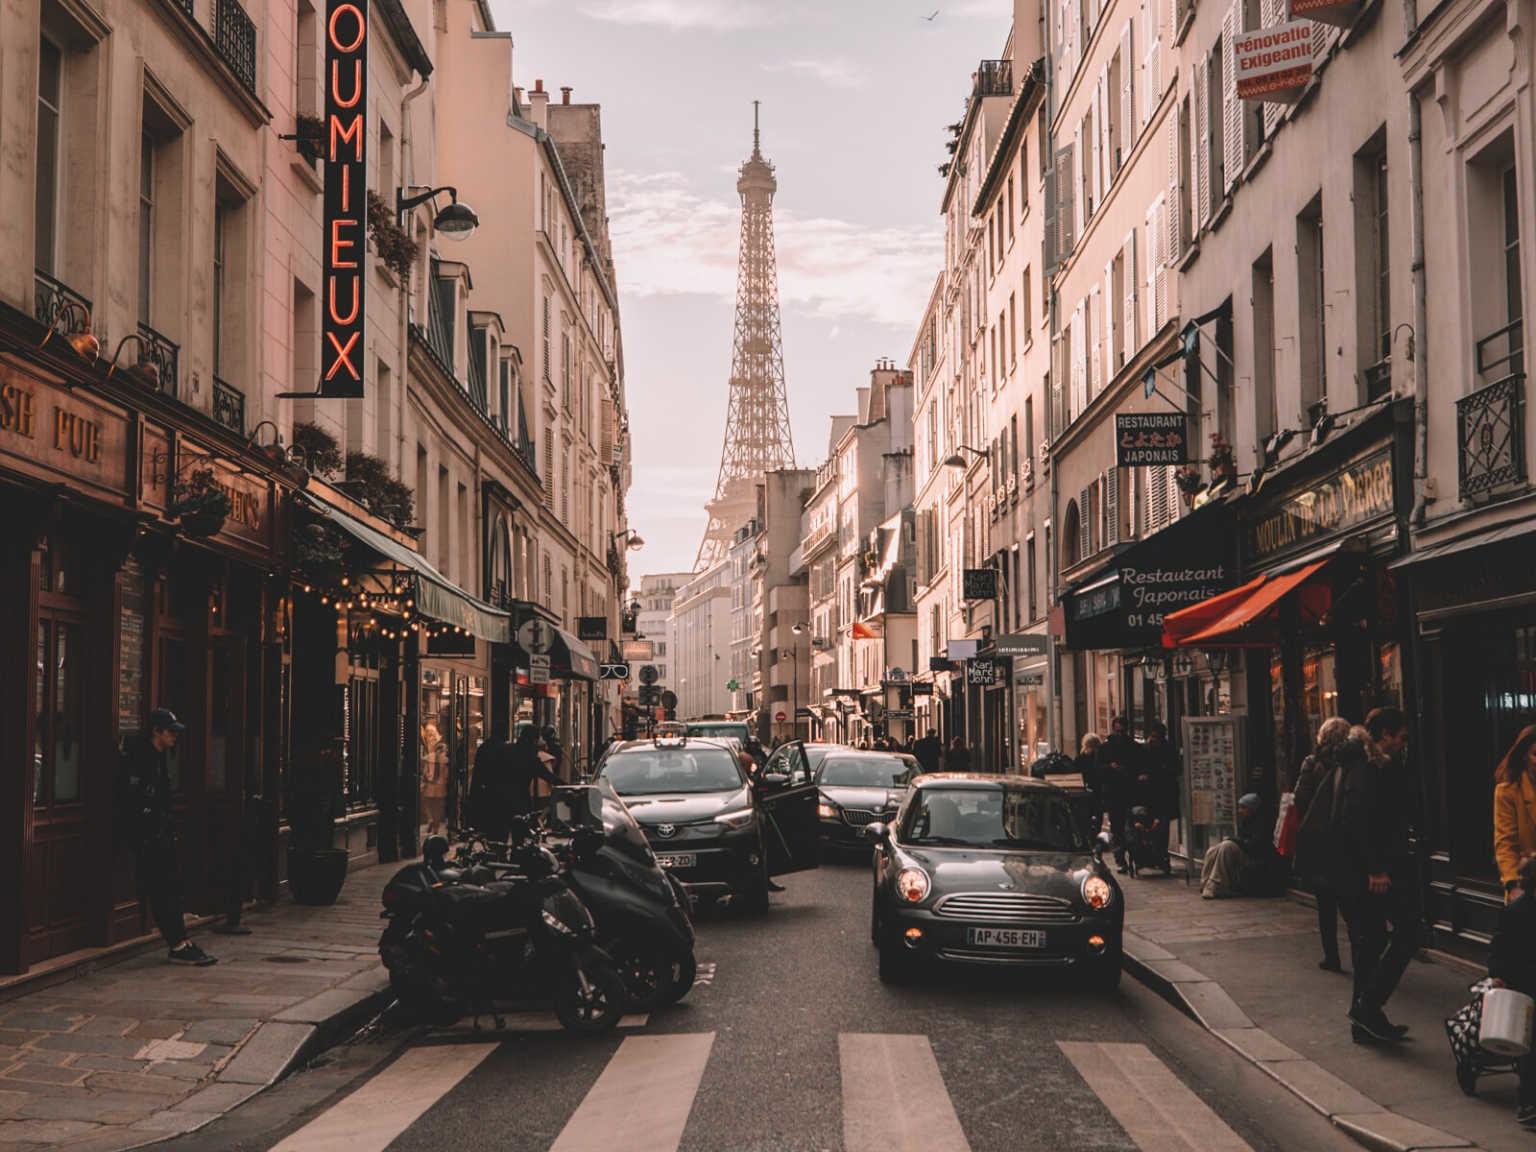 Wine bars in Paris